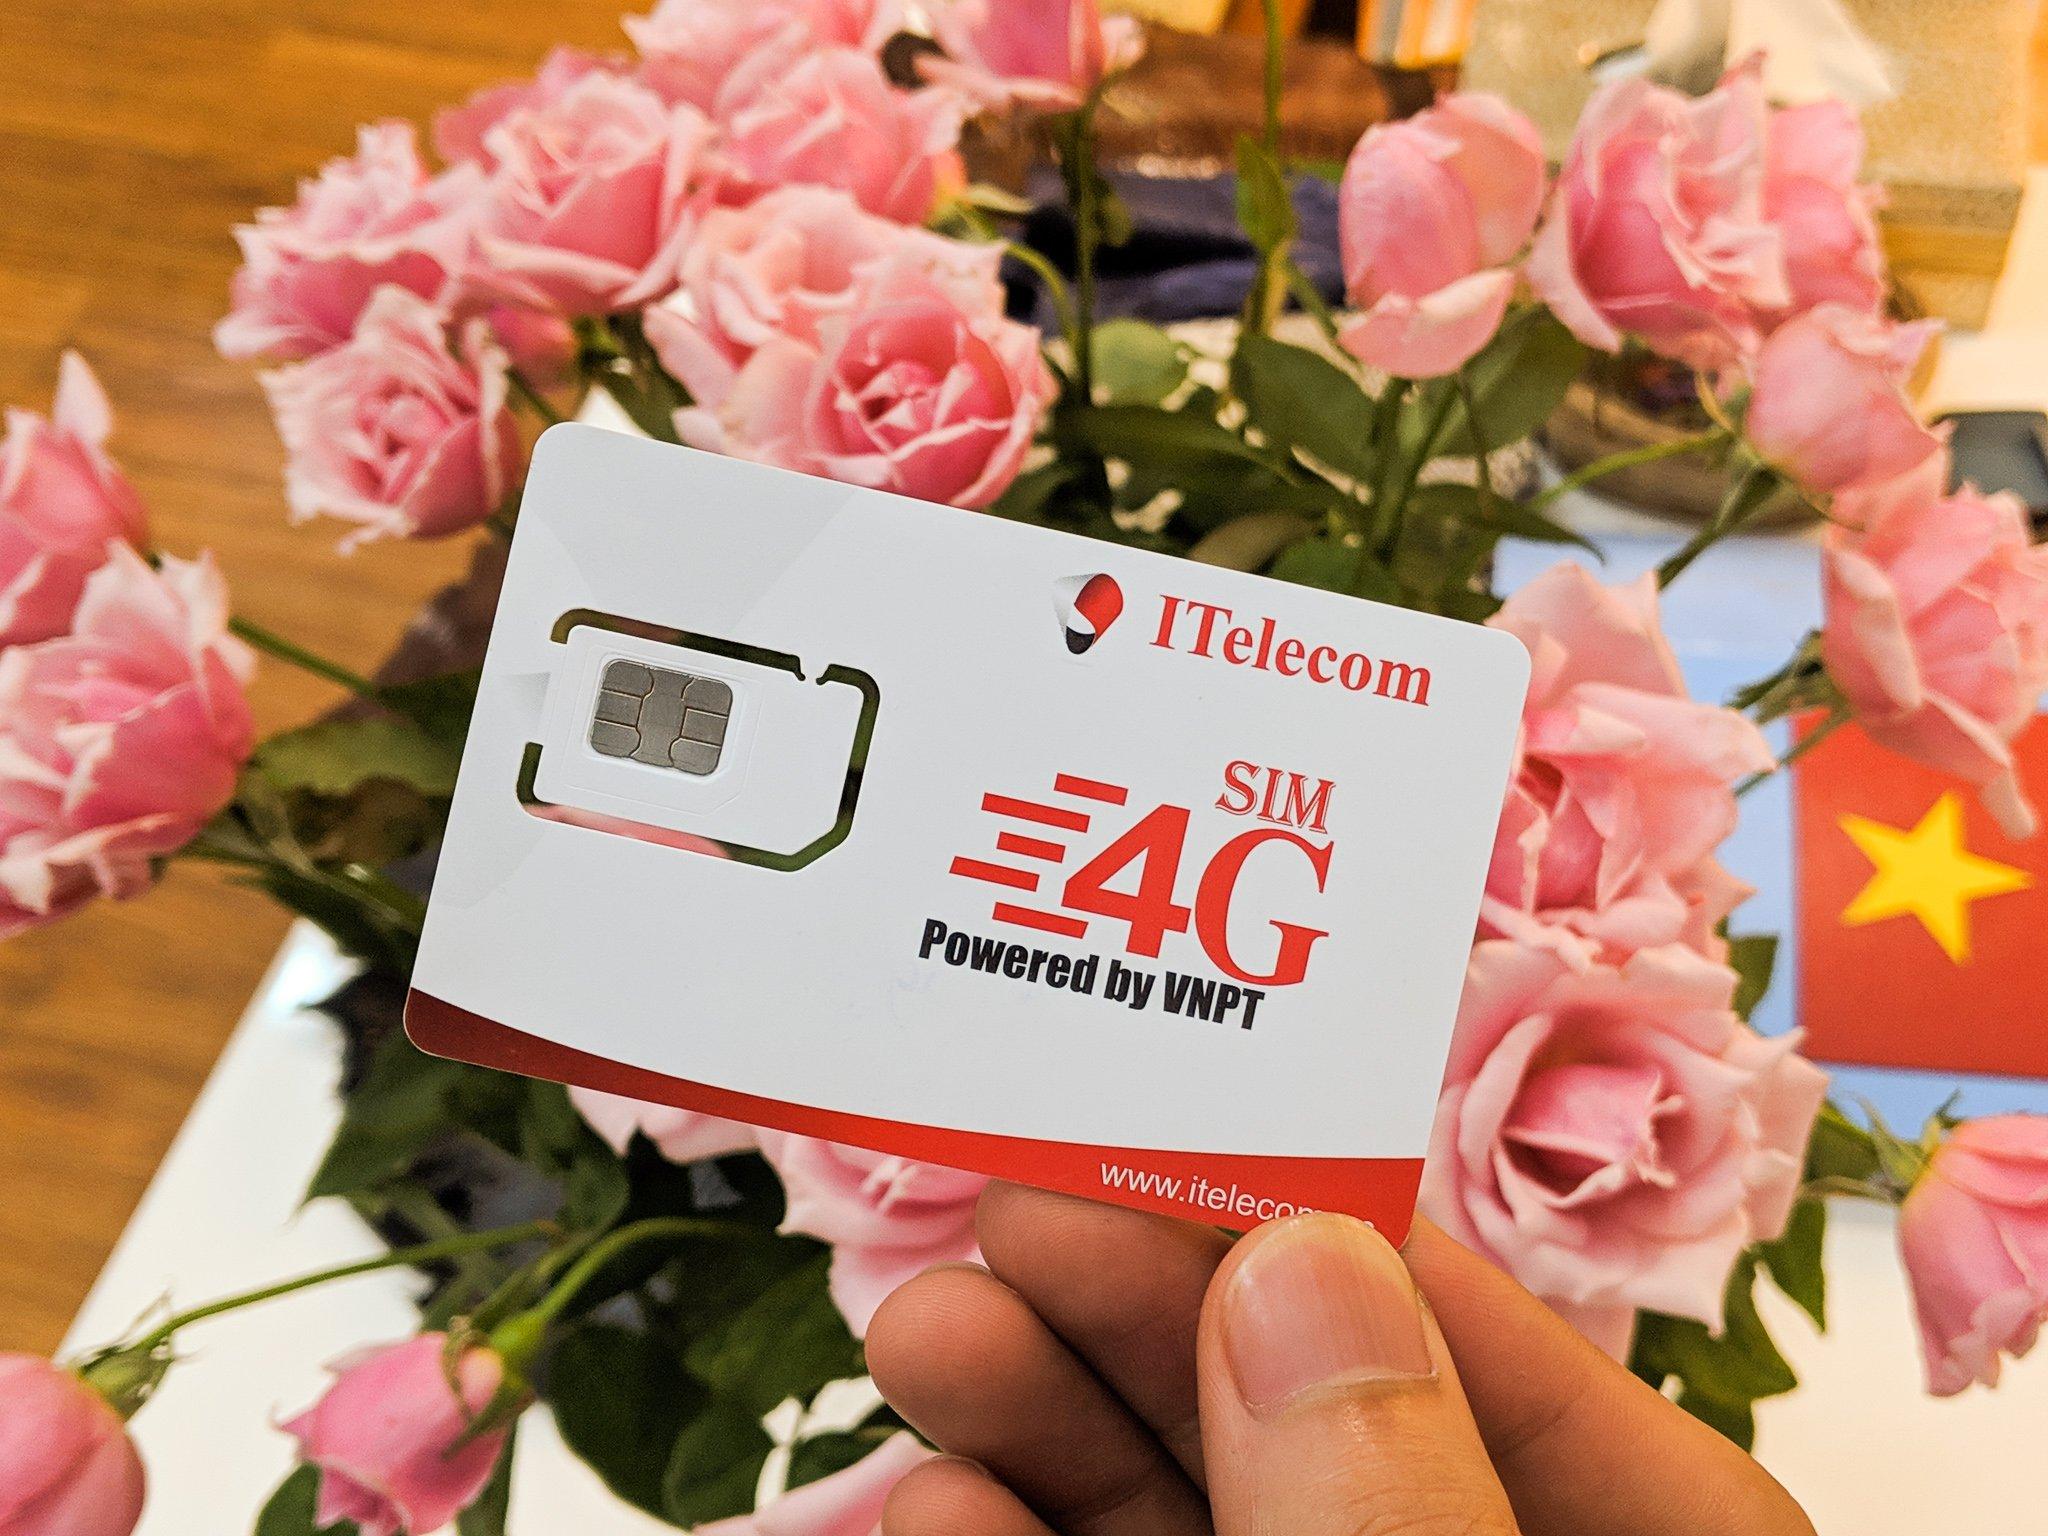 Mạng di động ITelecom ra mắt, dùng đầu số 087, gói cước 77k/tháng nhiều ưu  đãi | Tinh tế